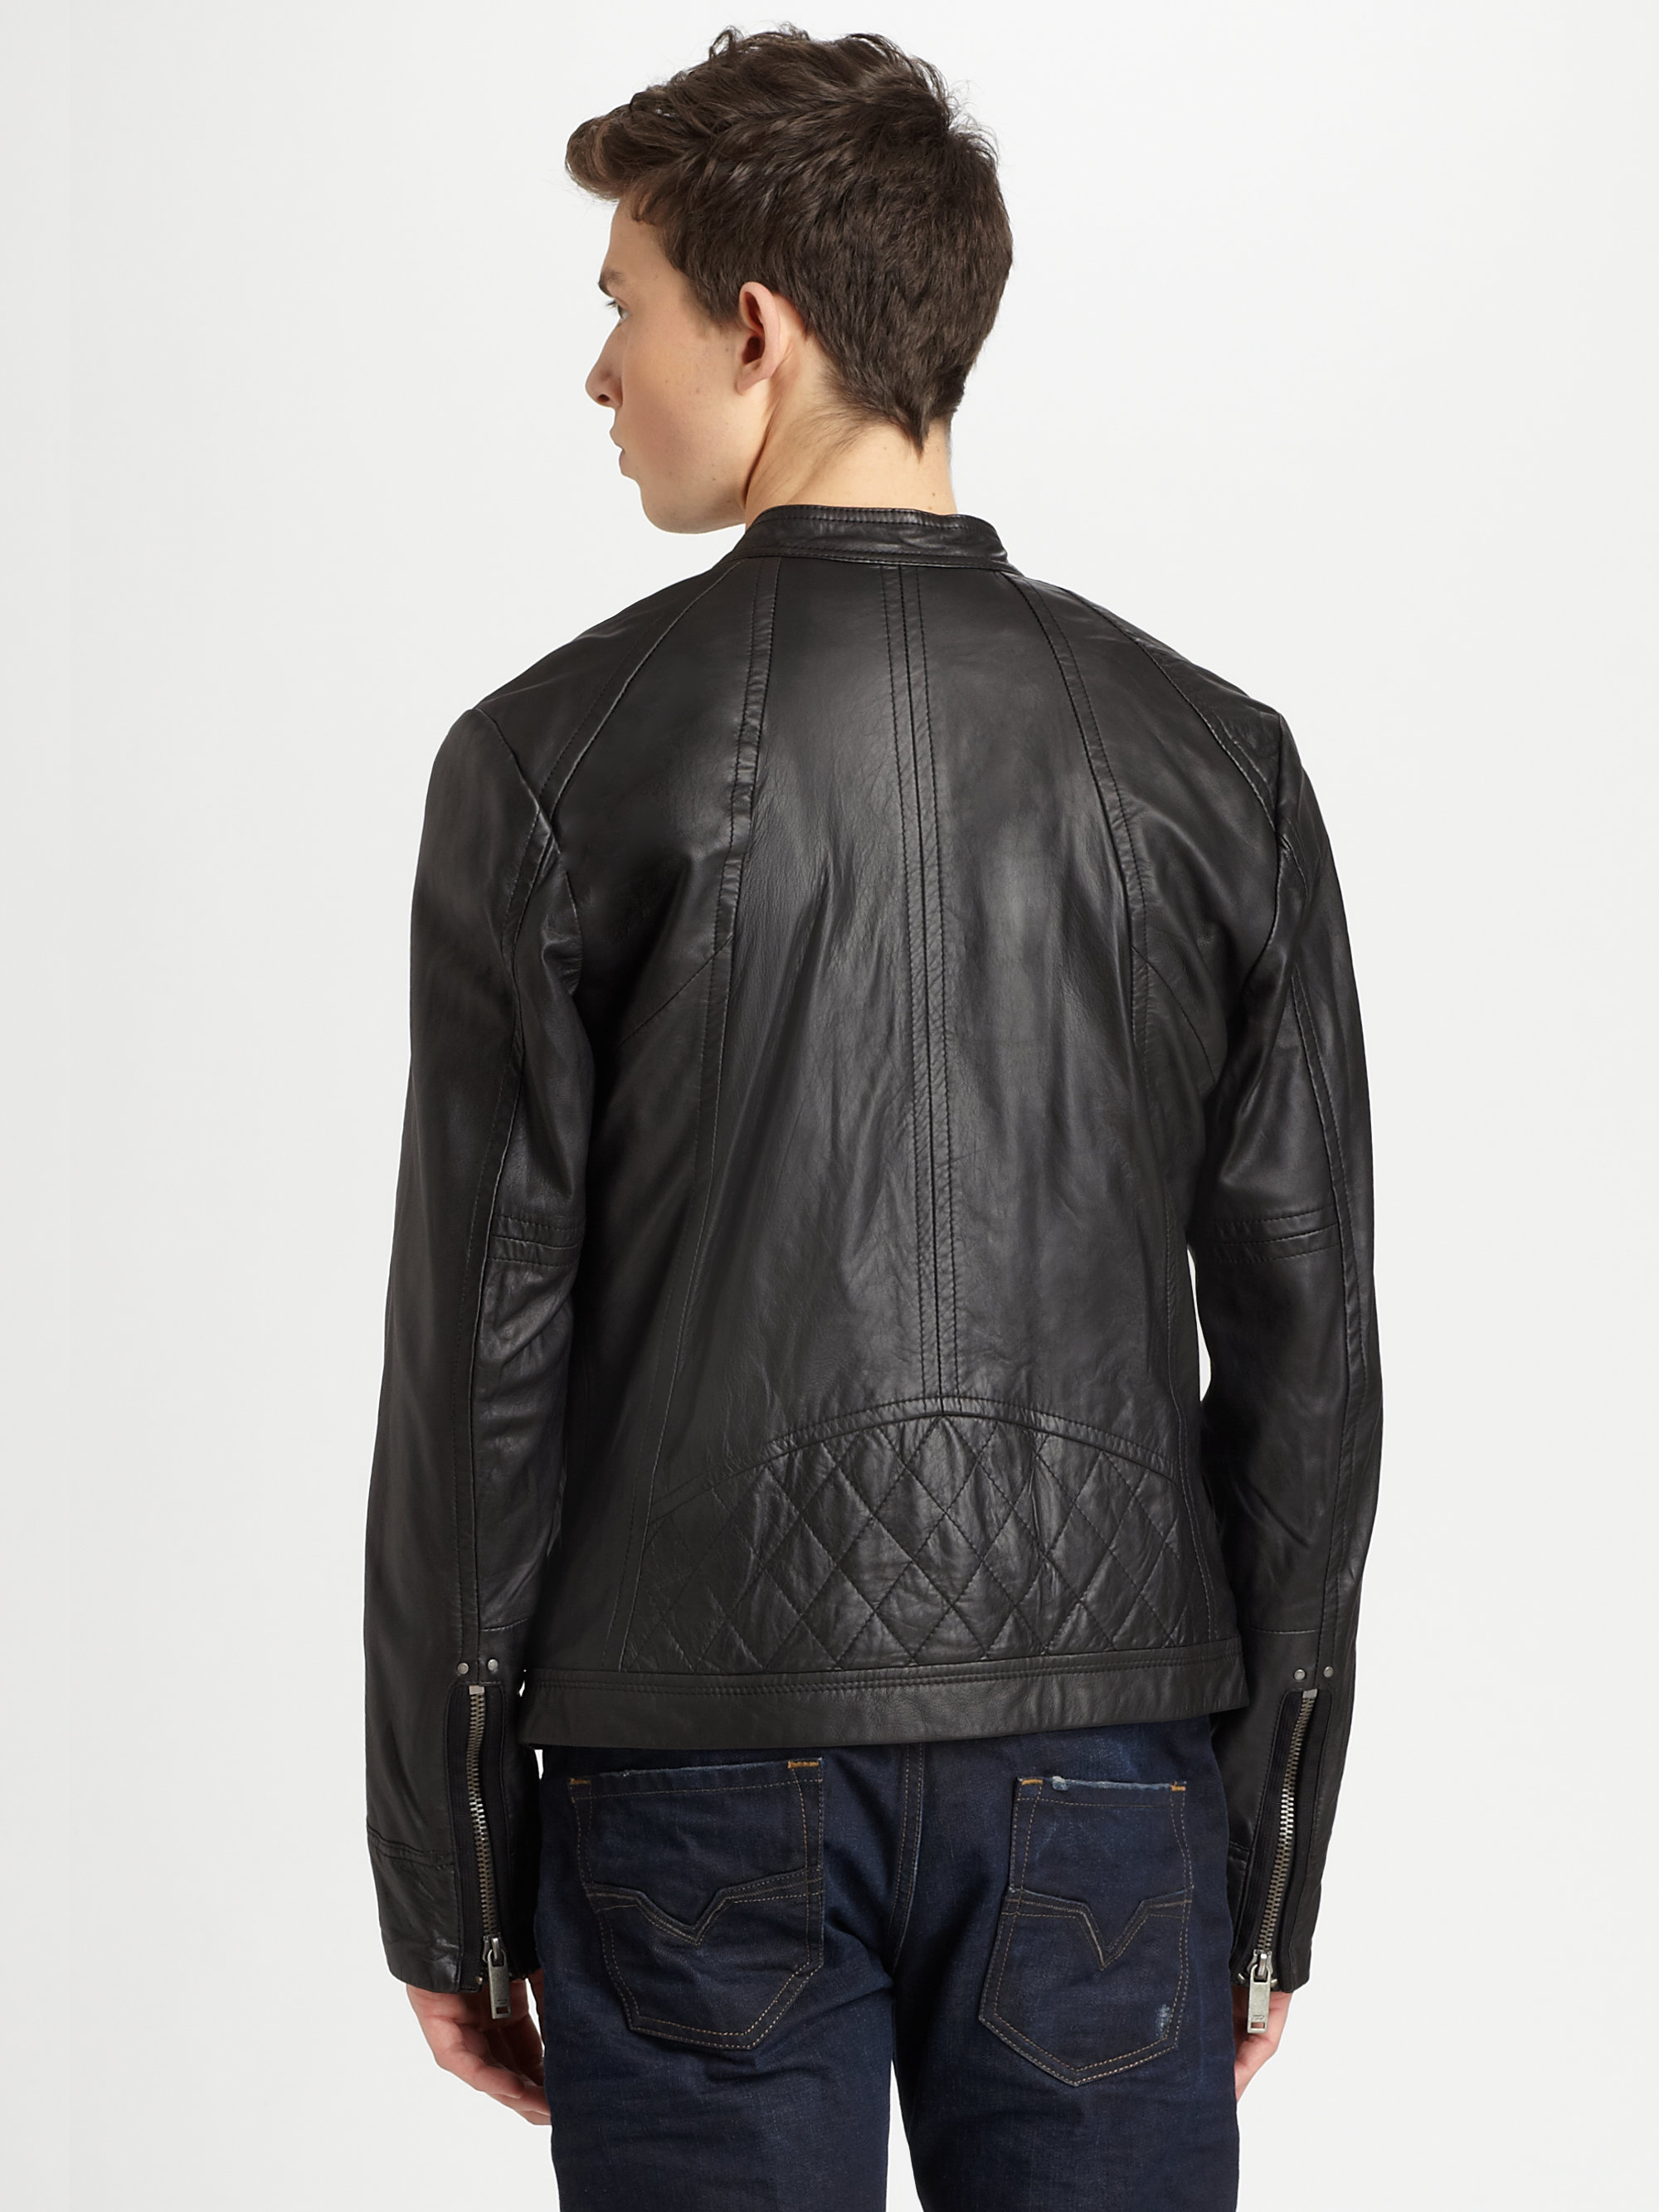 Diesel leide leather jacket